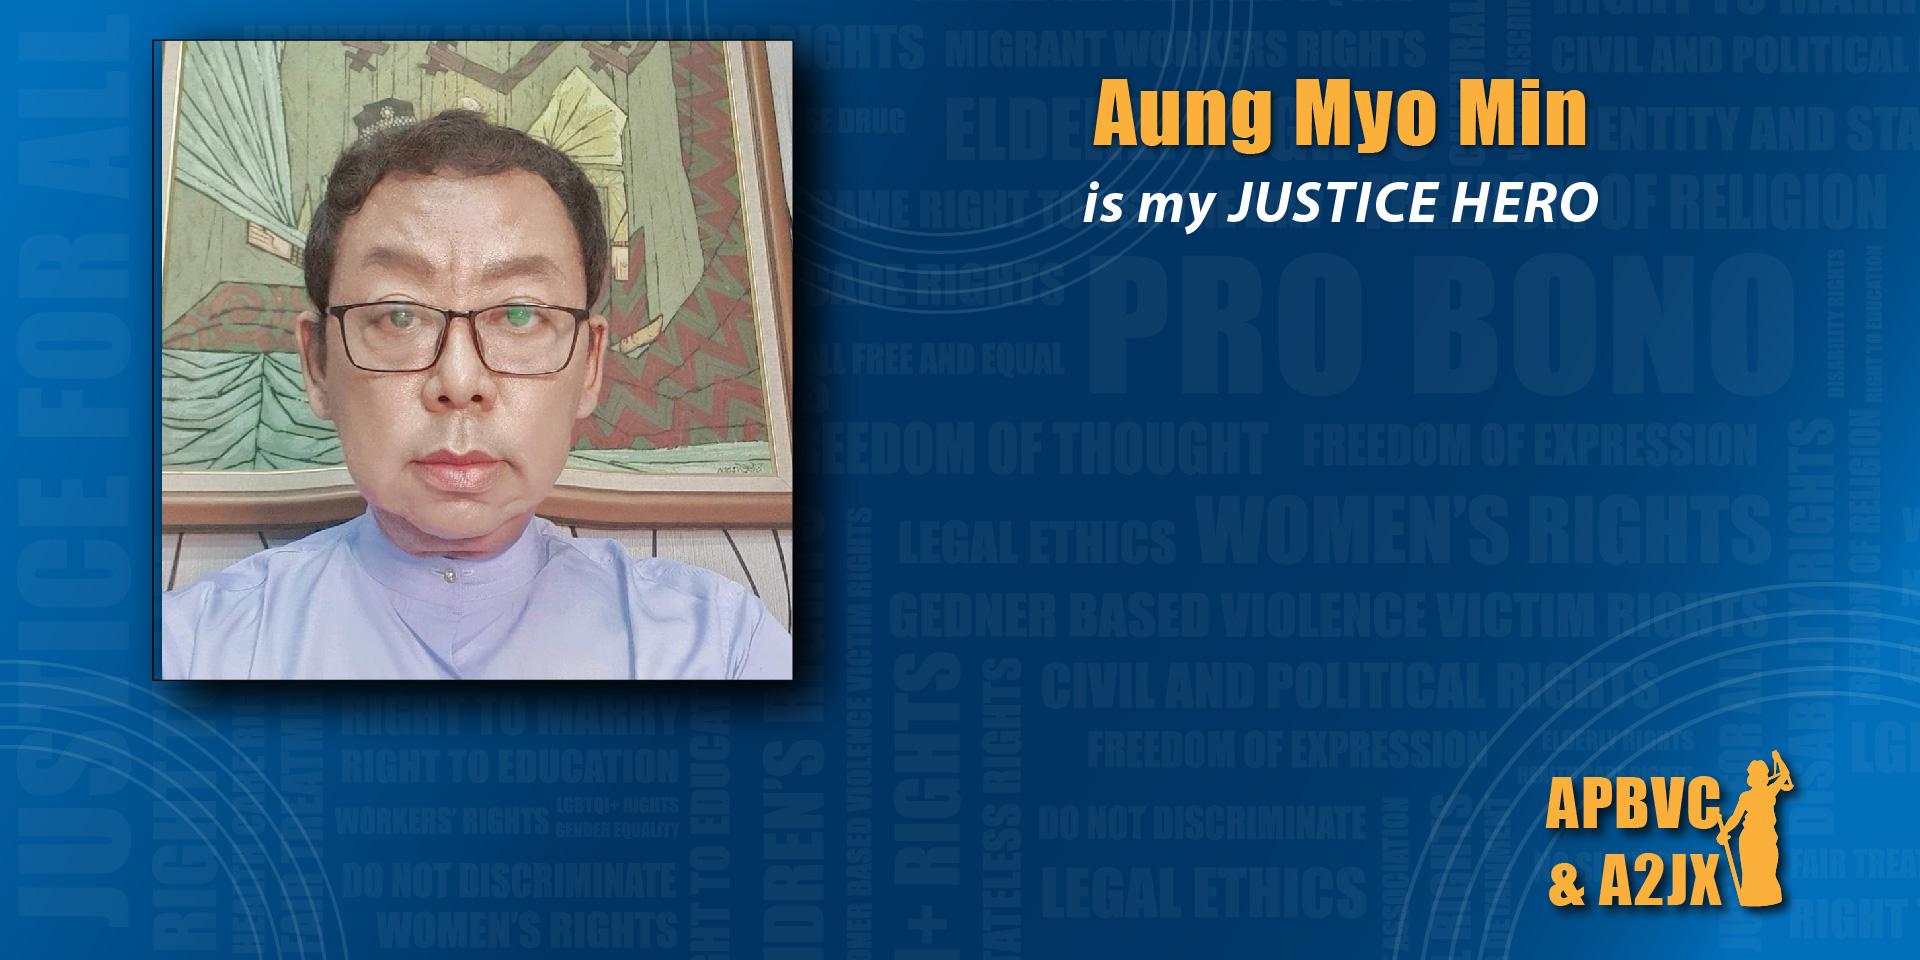 Aung Myo Min